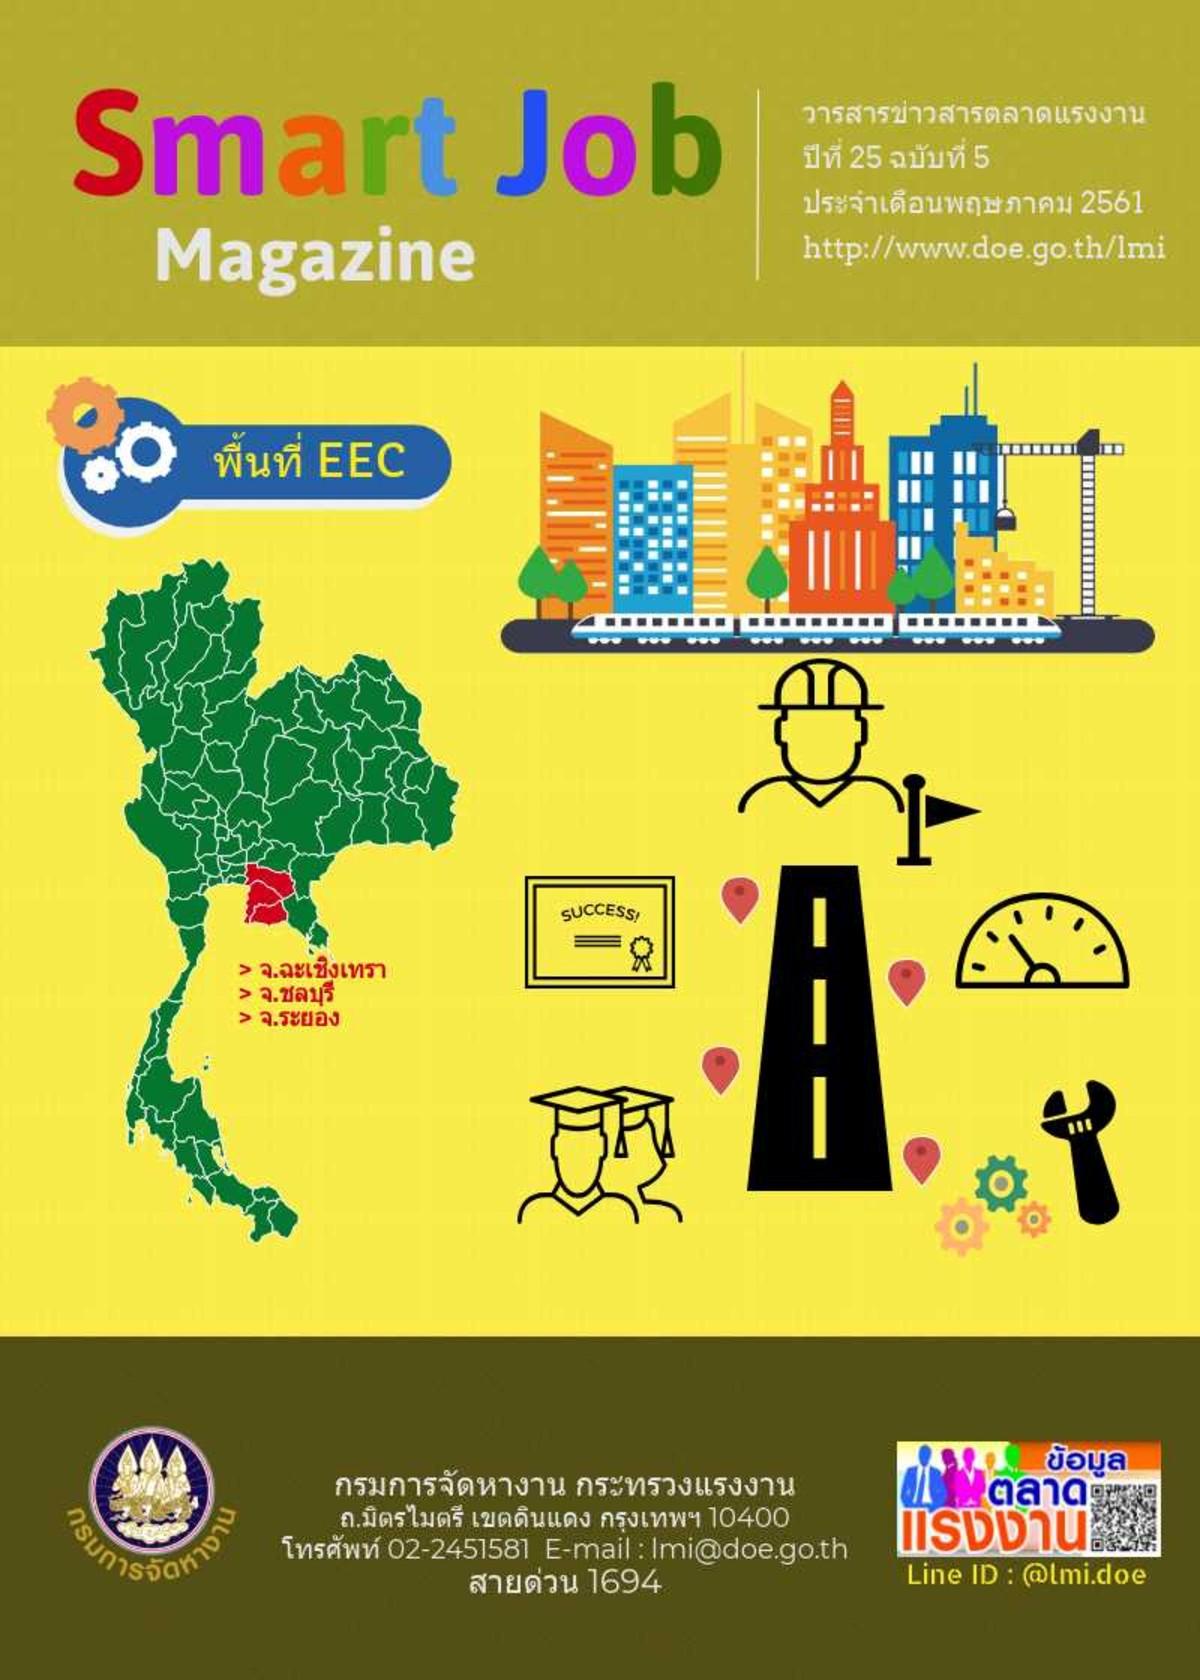 วารสารข่าวสารตลาดแรงงาน ปีที่ 25 ฉบับที่ 4 เดือนเมษายน 2561